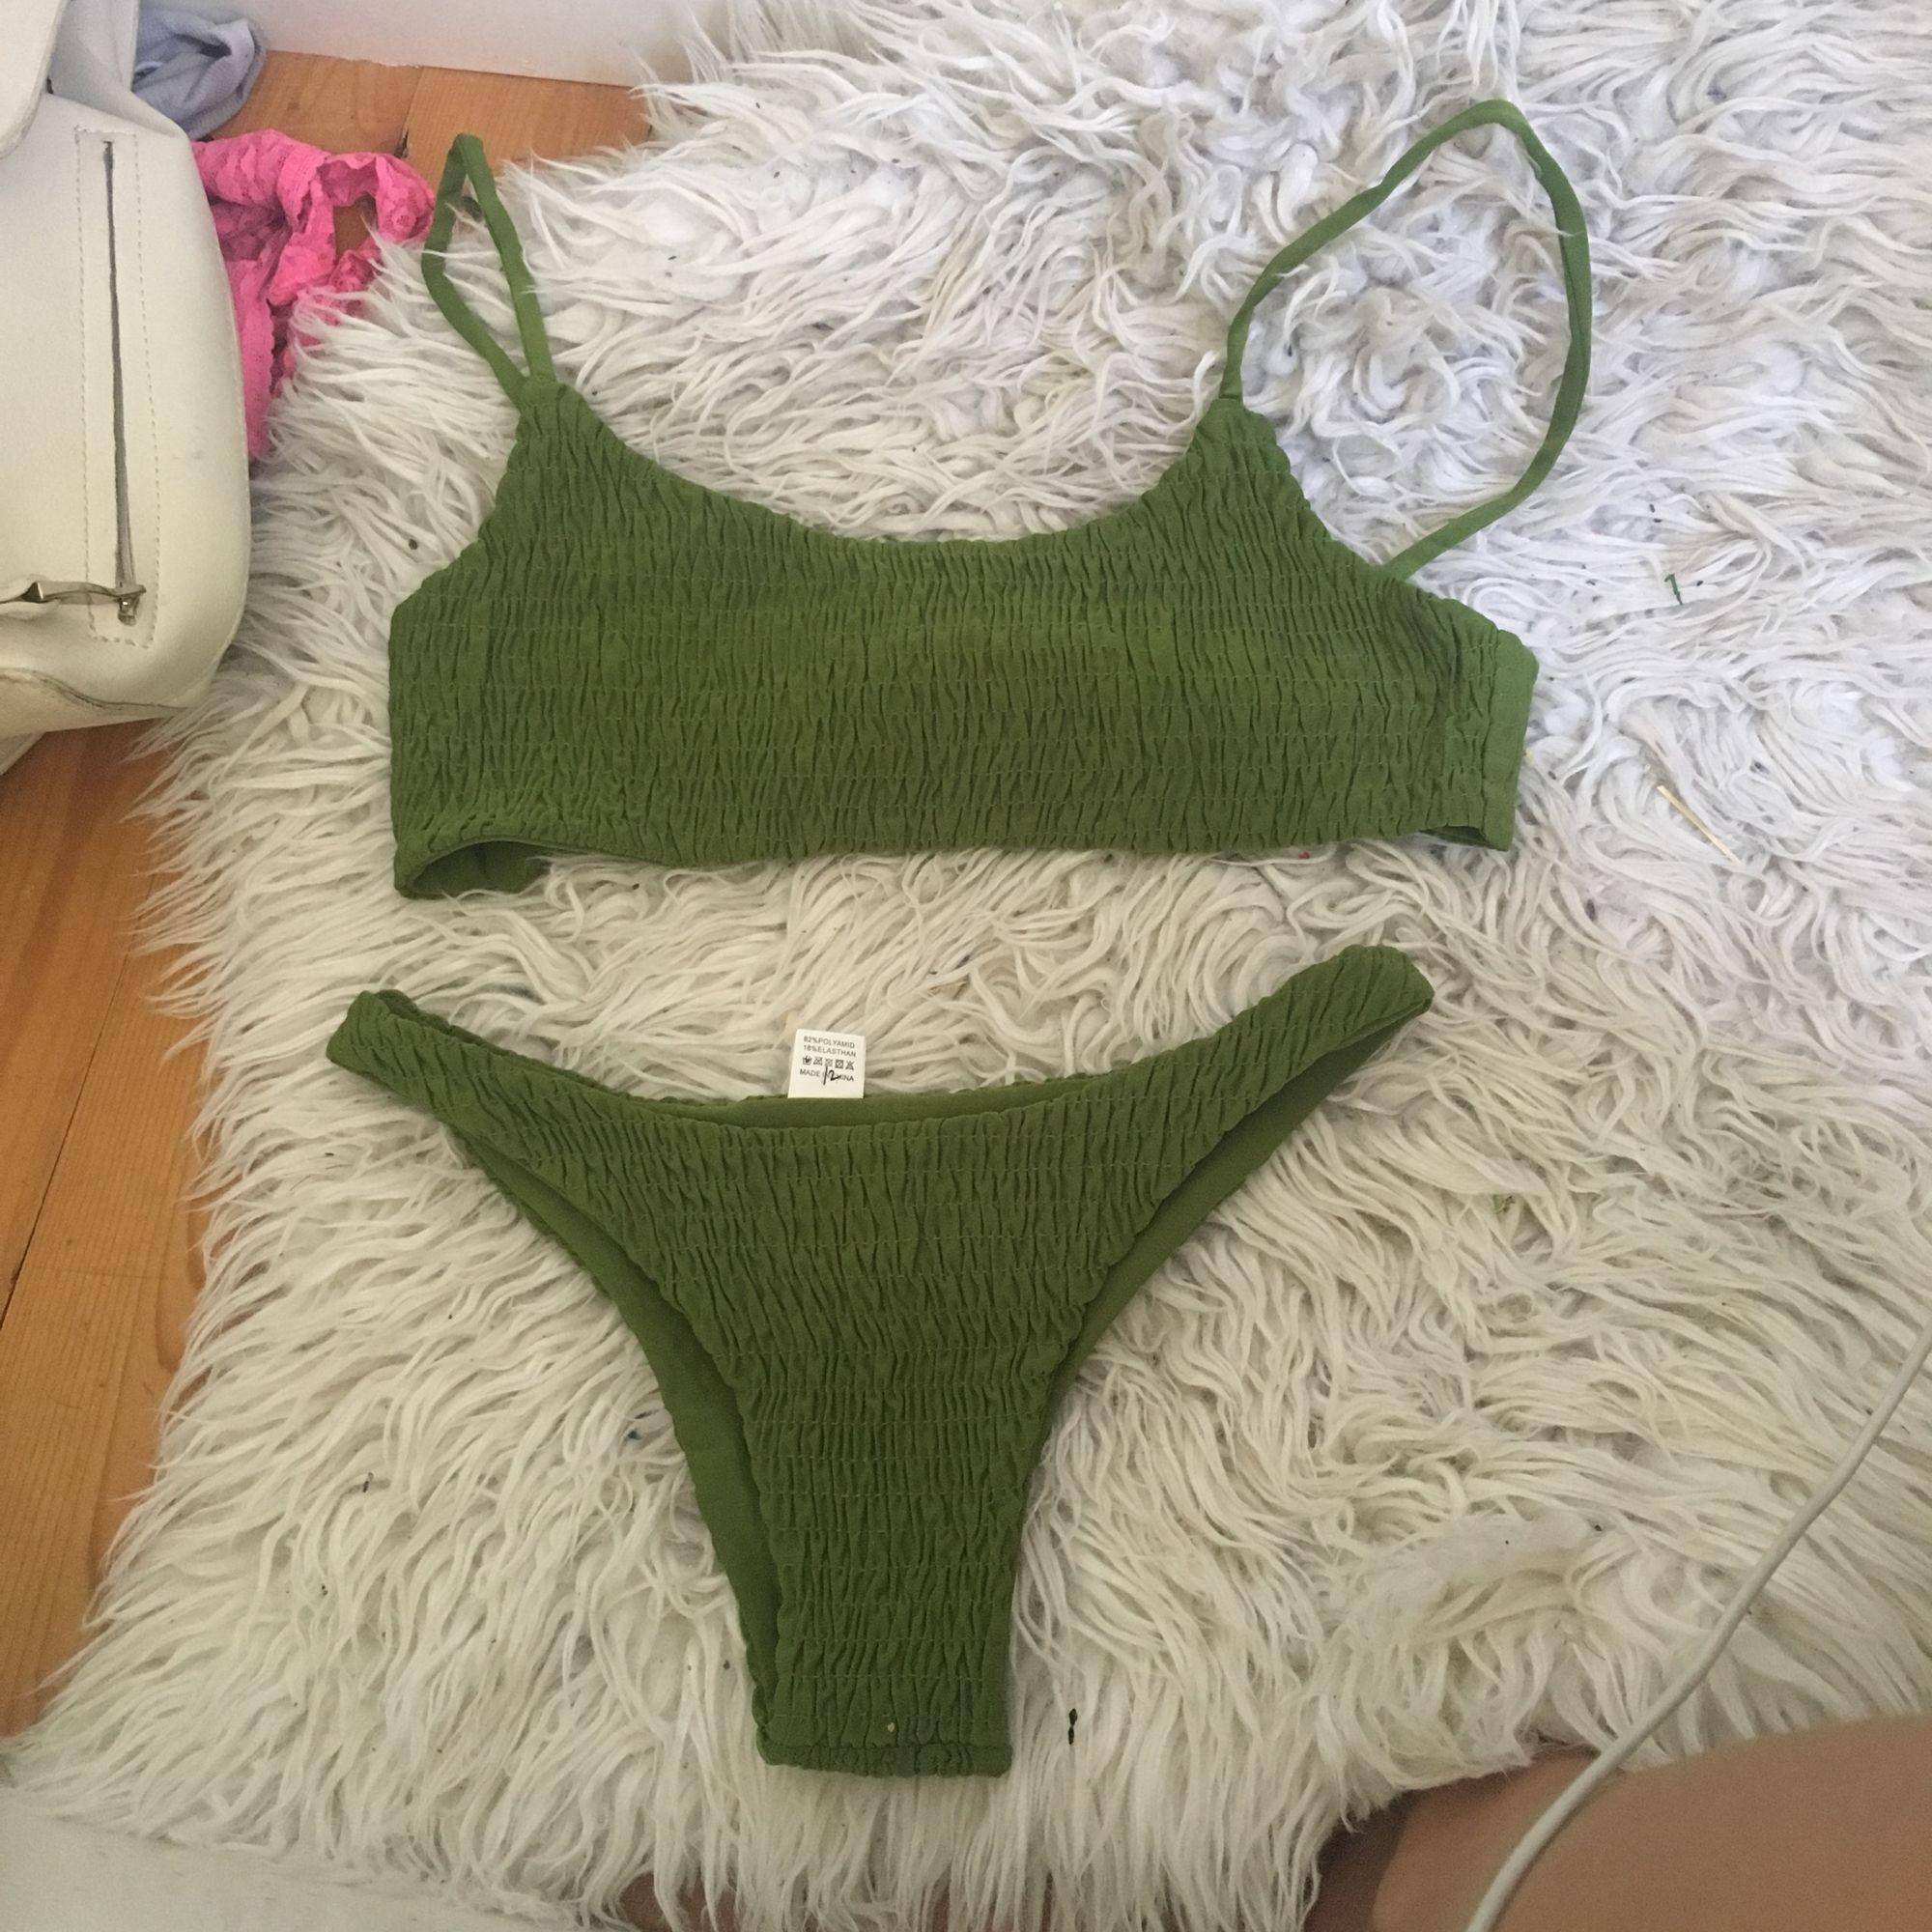 Snygg grön bikini i strl s som är räfflad Köpt från asos. Övrigt.